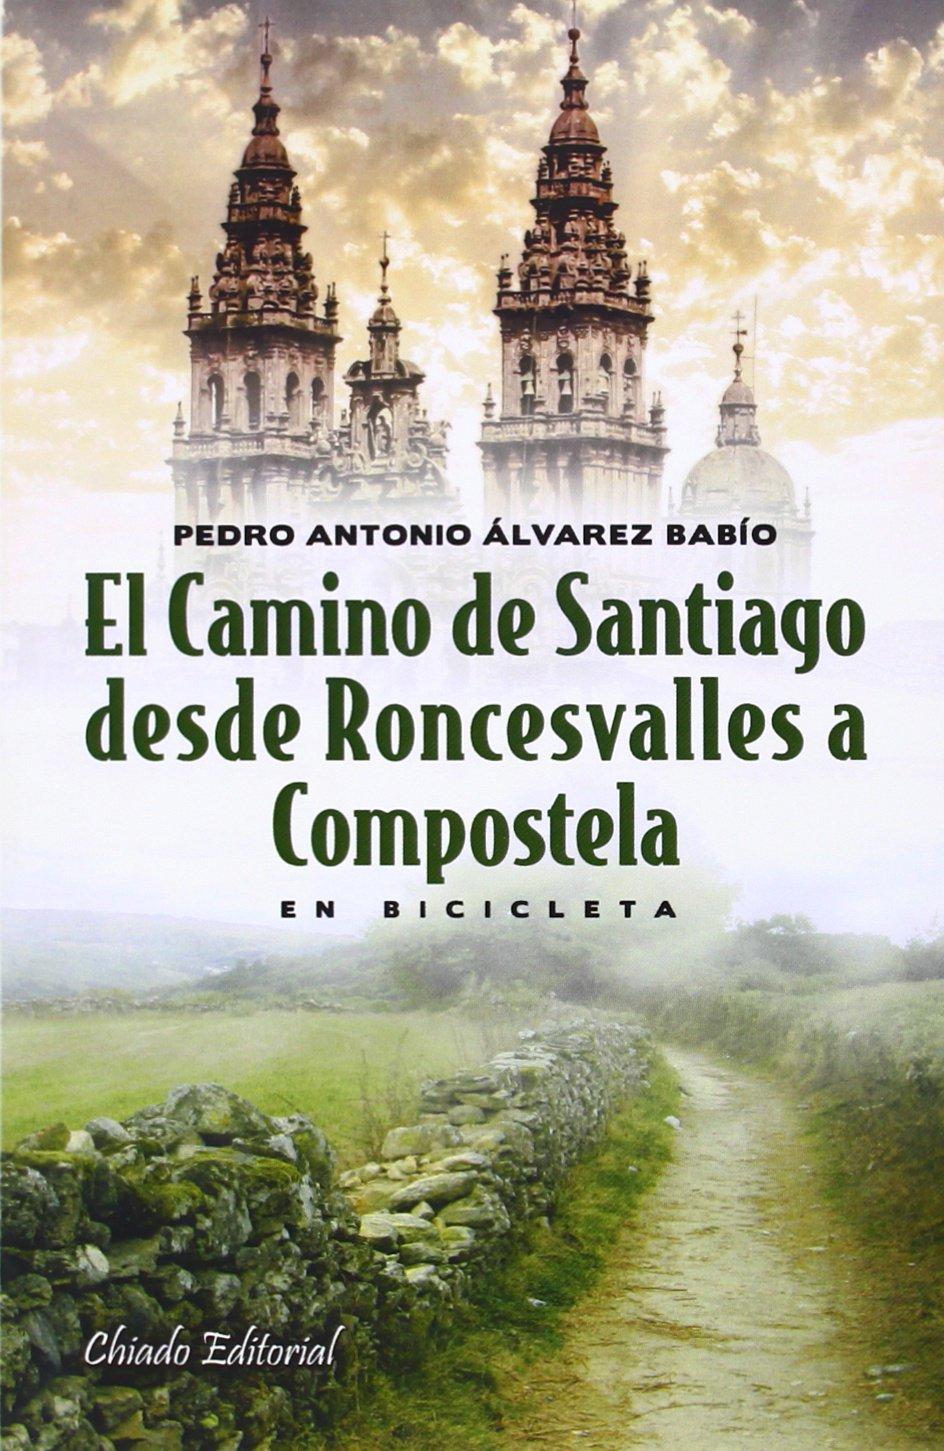 El Camino de Santiago desde Roncesvalles a Compostela Mundo Académico: Amazon.es: Álvarez Babío, Pedro Antonio: Libros